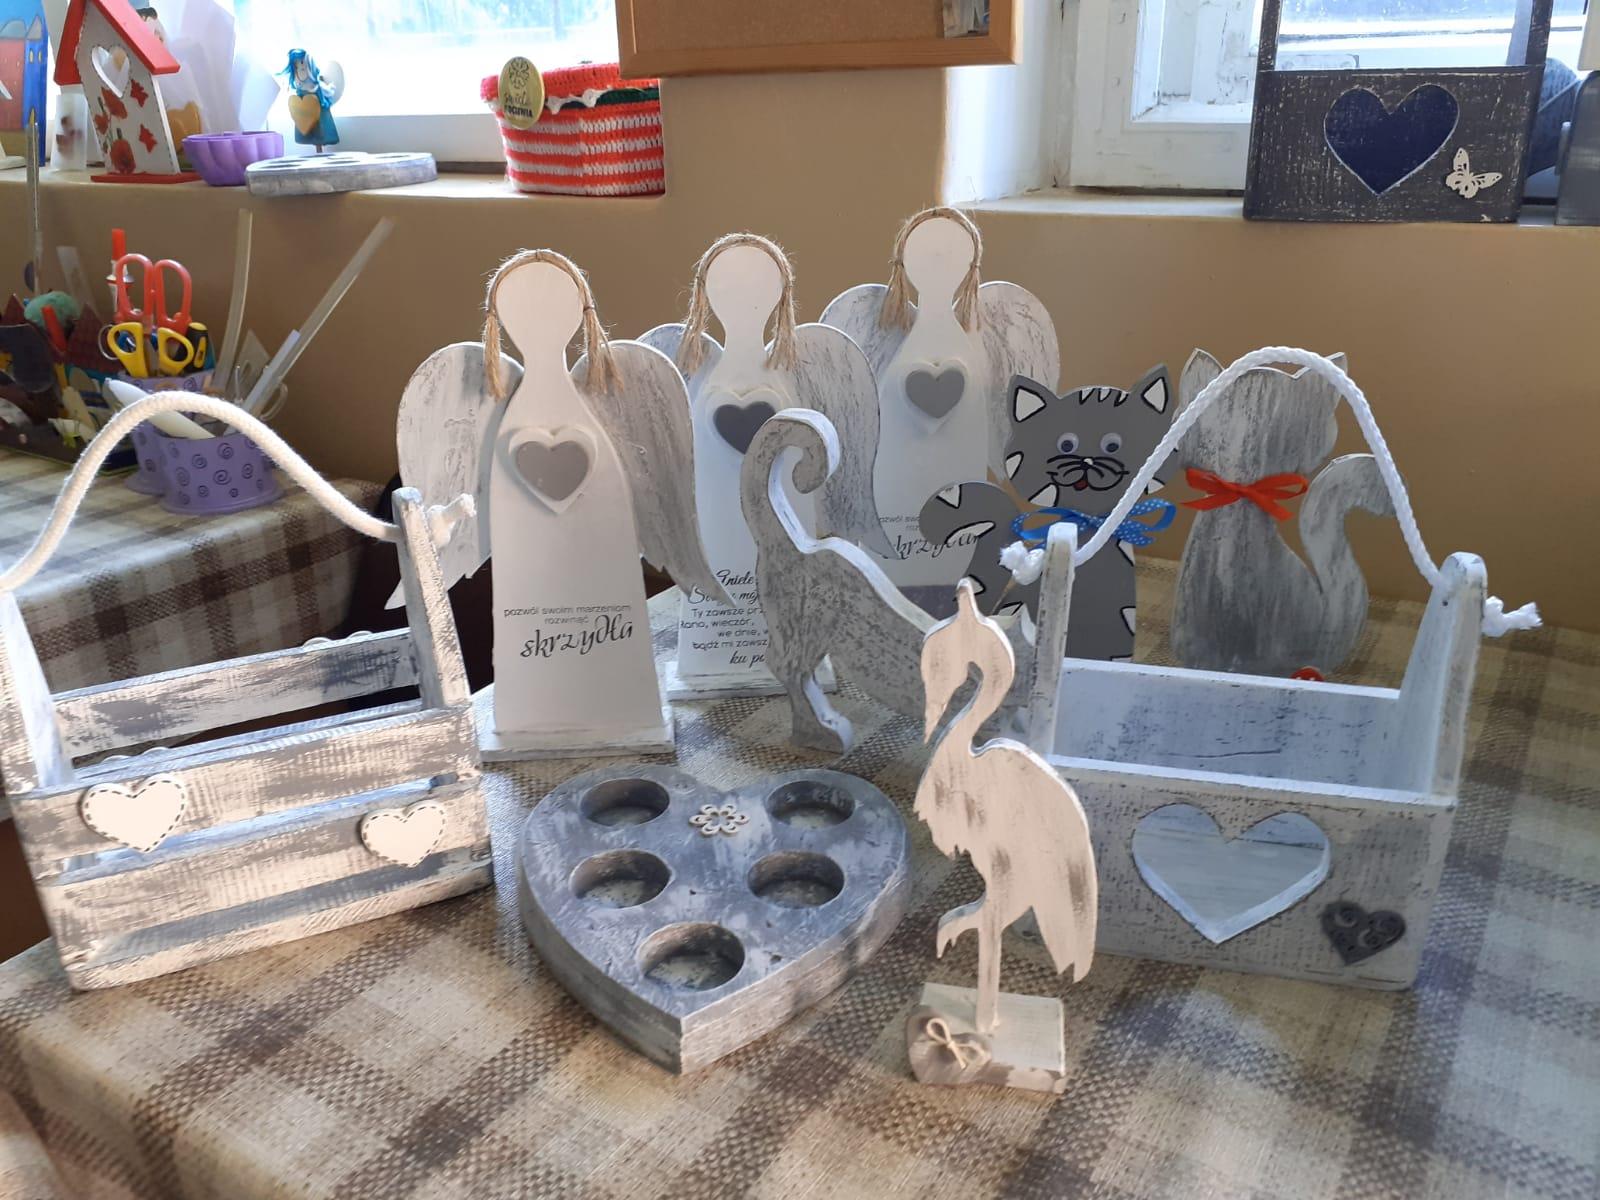 Zbiór drewnianych ozdób pomalowanych na kolor biało-szary. Aniołki, świecznik, dwie szkatułki i figurki kotów